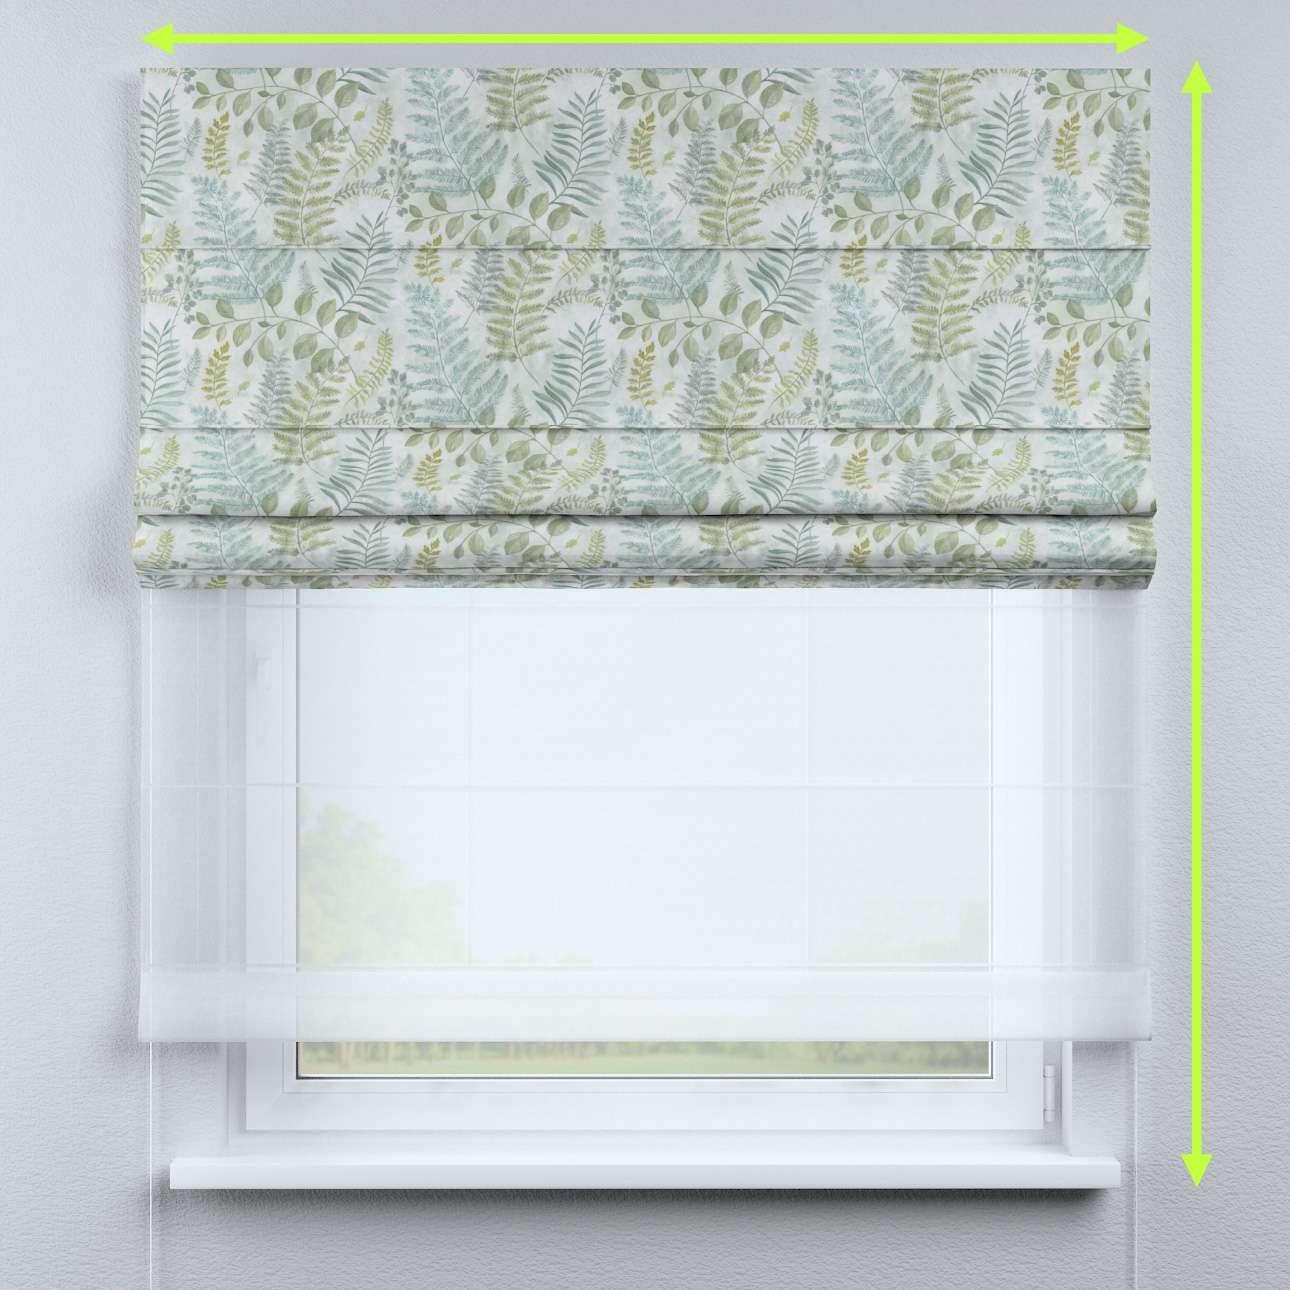 Roleta rzymska Duo w kolekcji Pastel Forest, tkanina: 142-46